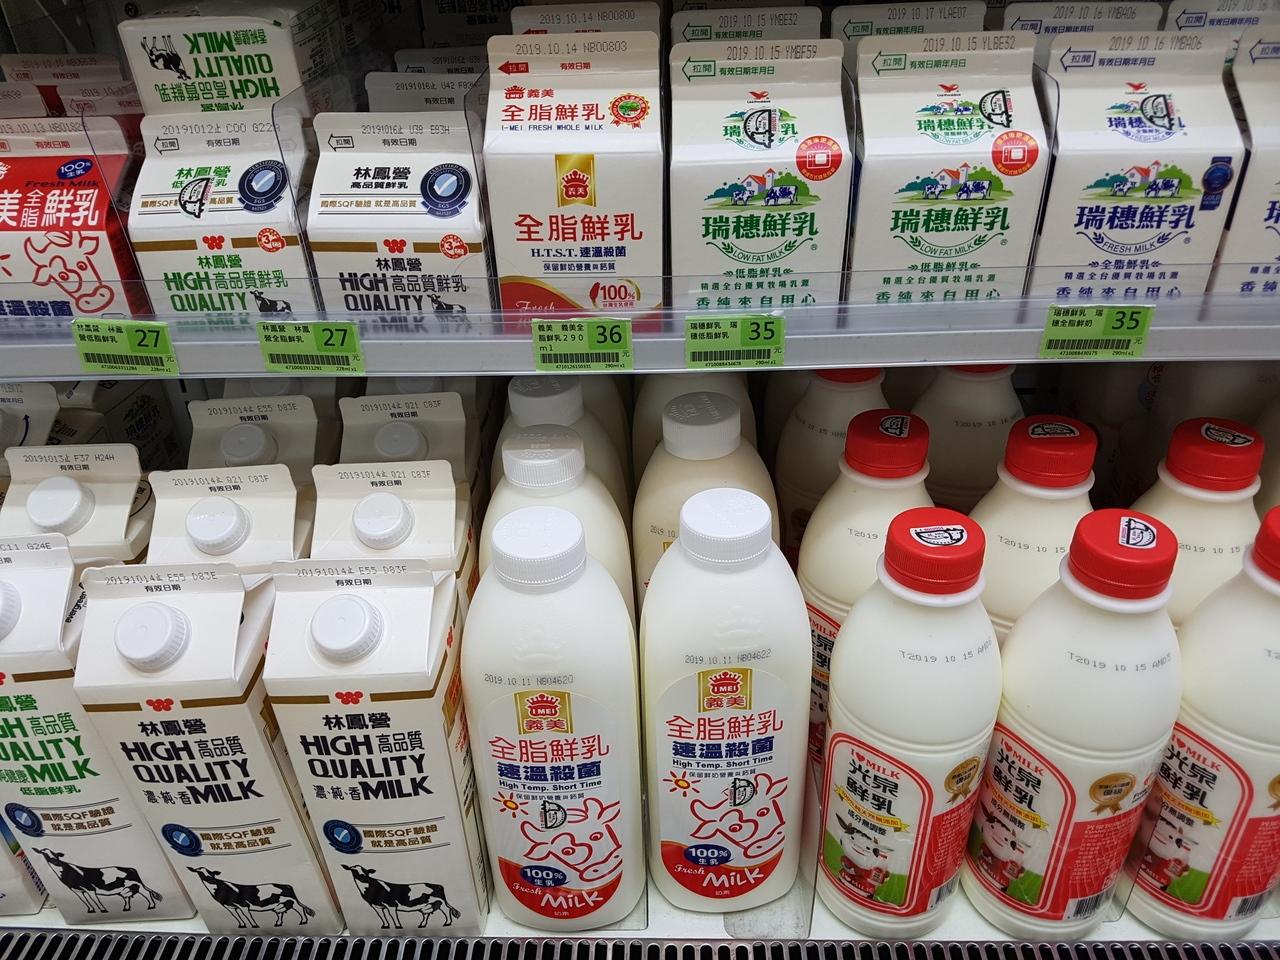 由於牛、羊會將牧草發酵產生反式脂肪,因此乳製品中也會有天然的反式脂肪。記者楊雅棠/攝影